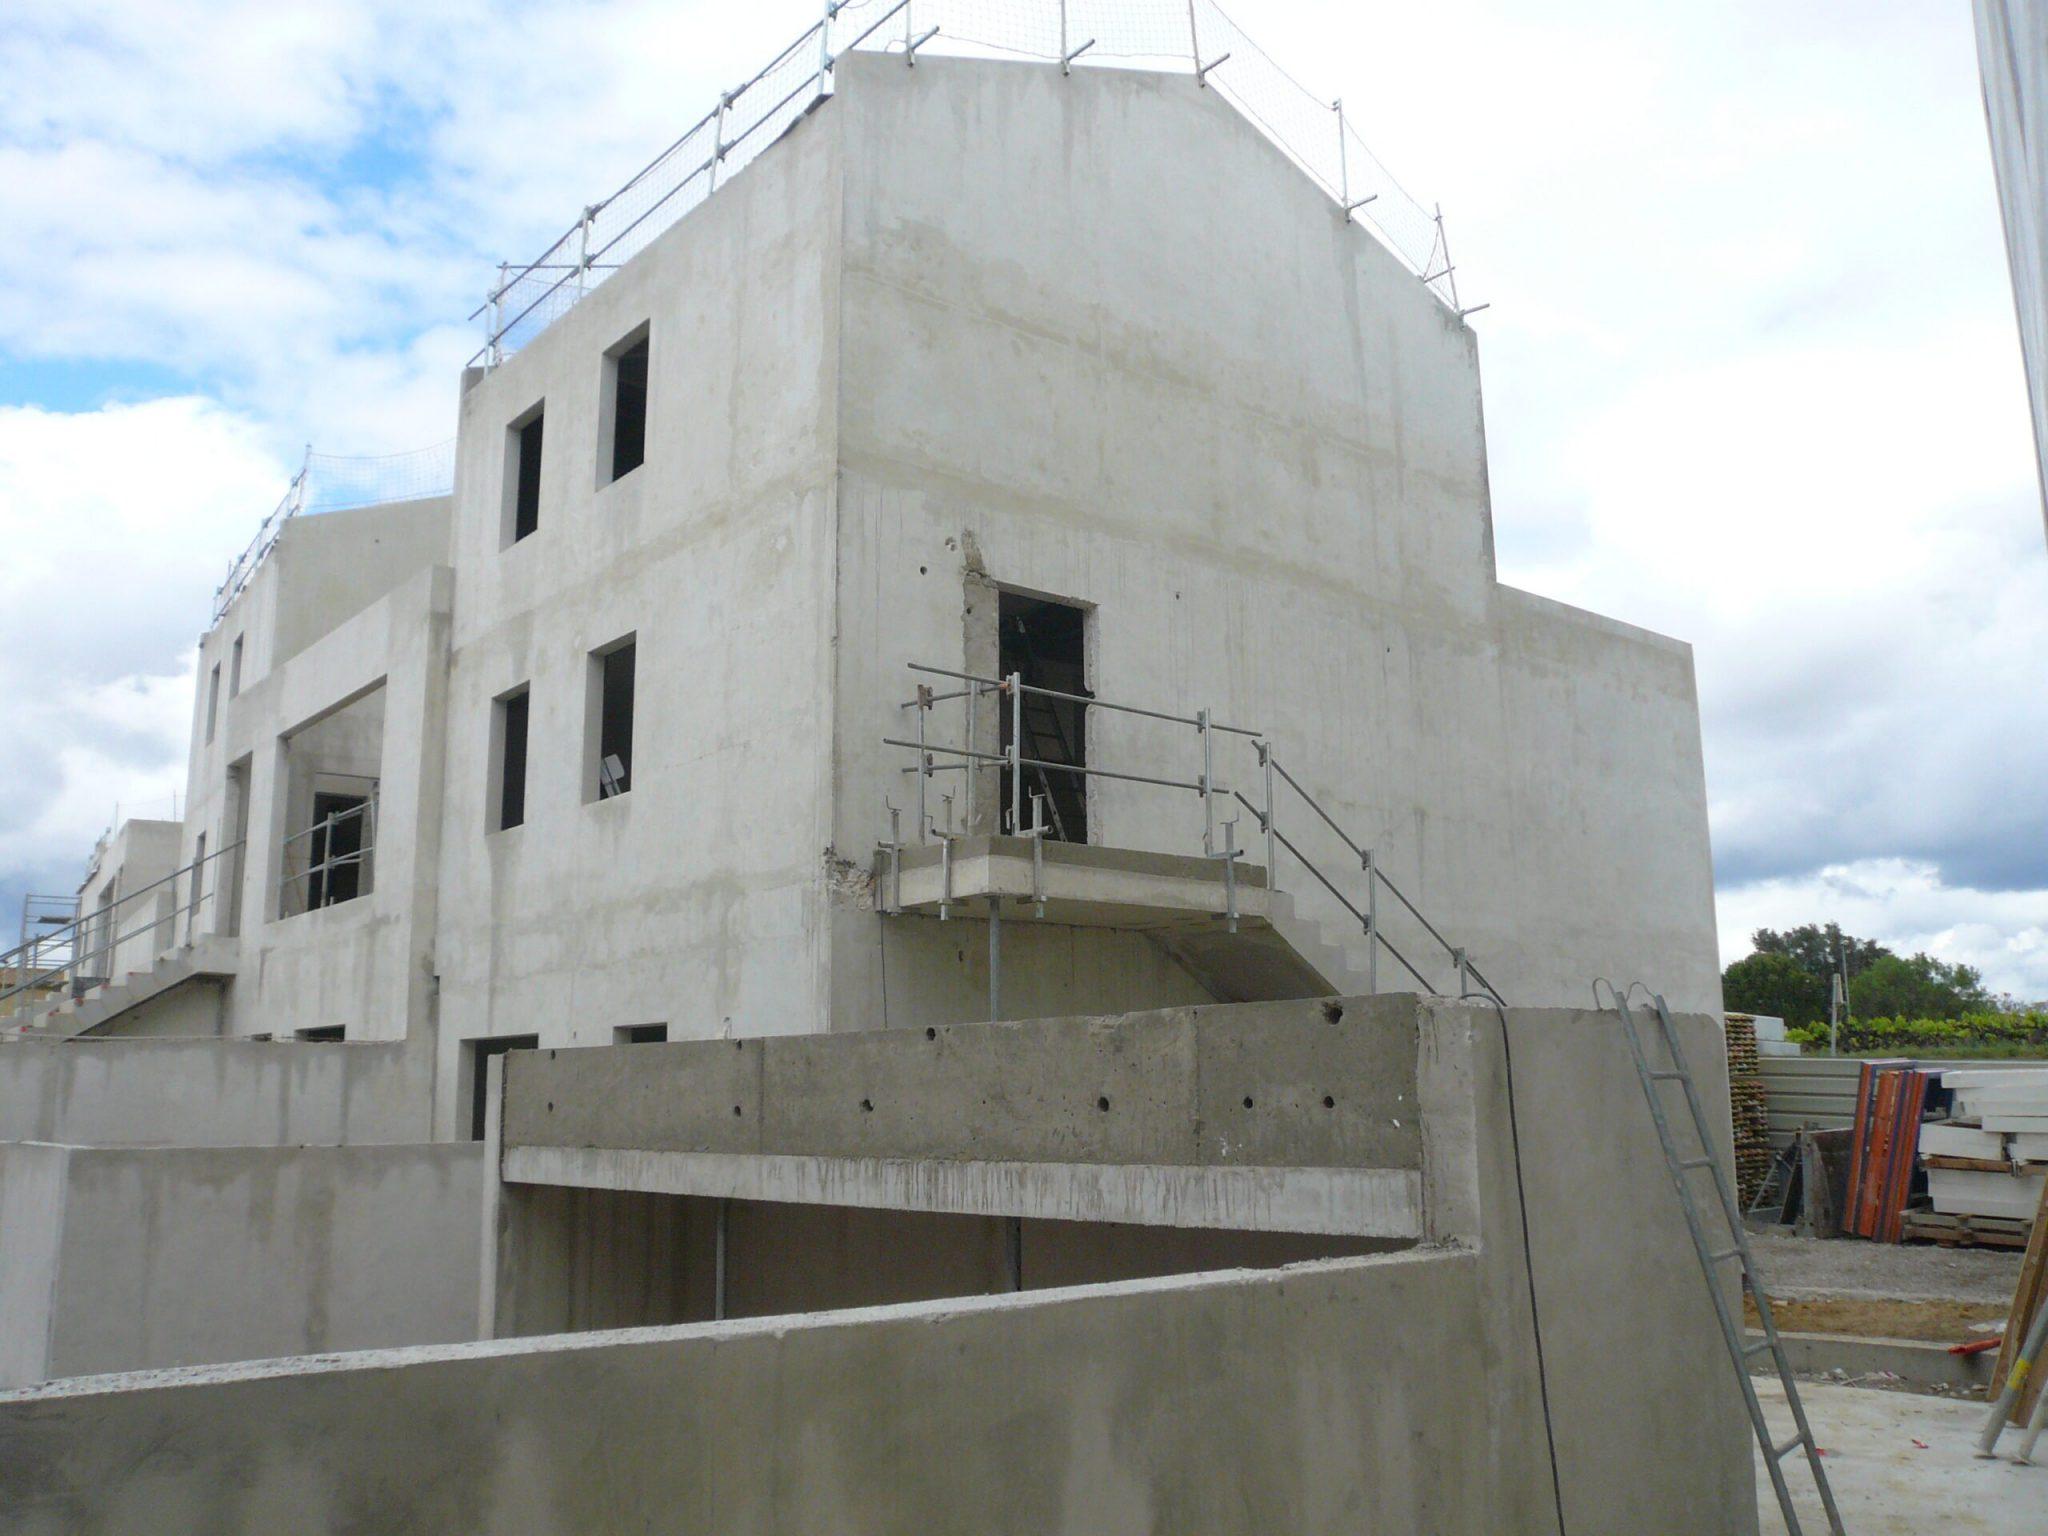 Chantier de East Village programme immobilier neuf sur St Jean de Vedas